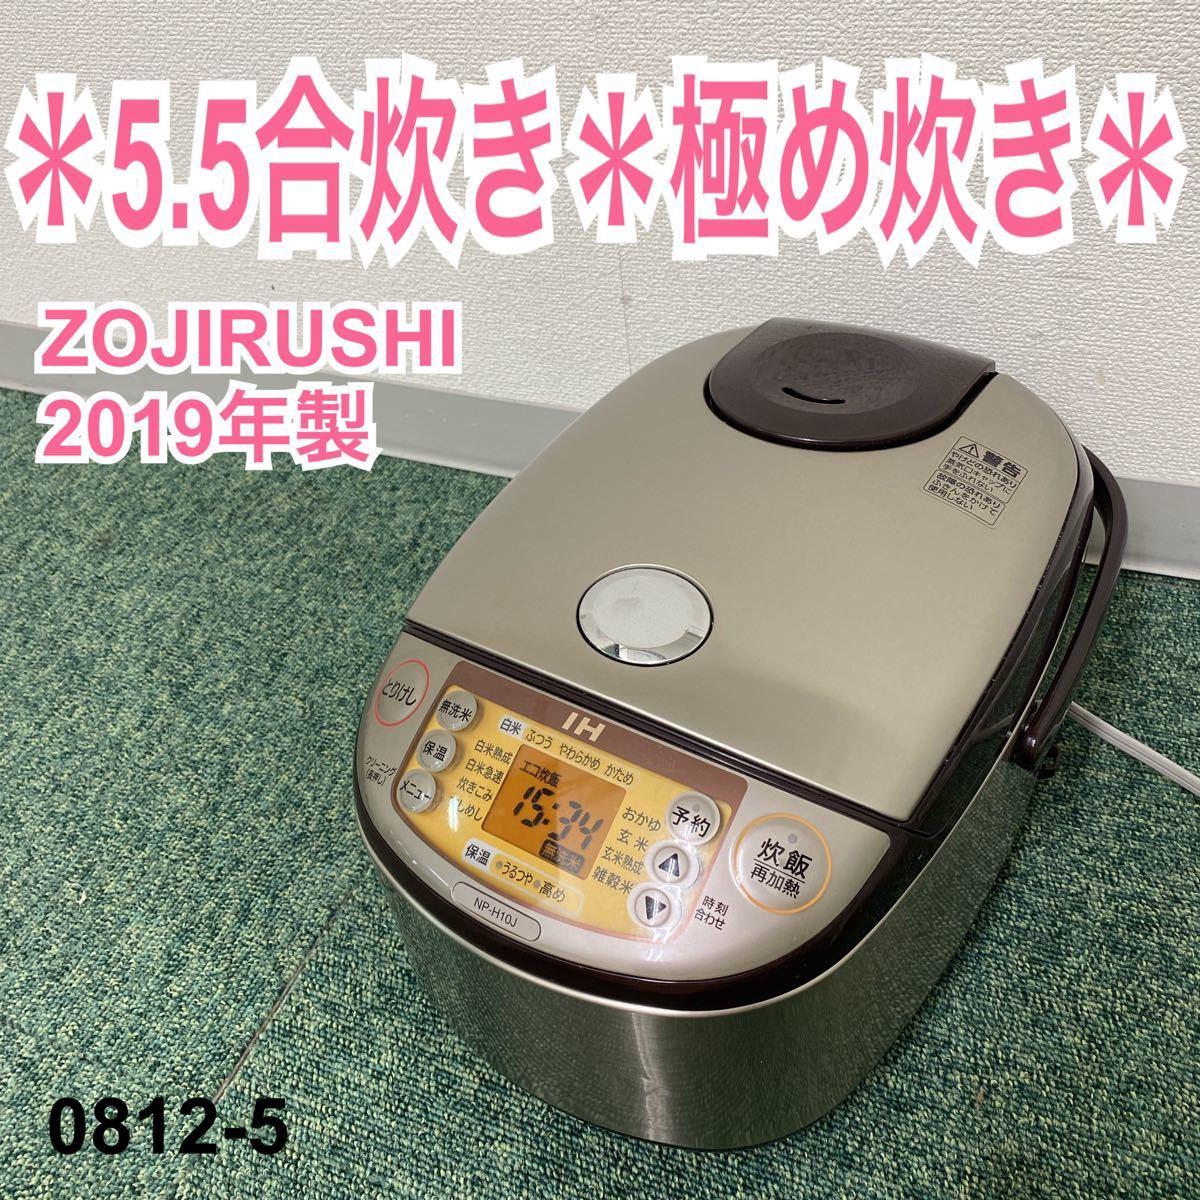 * 象印 IH炊飯ジャー 炊飯器5.5合 極め炊き 2019年製*0812-5